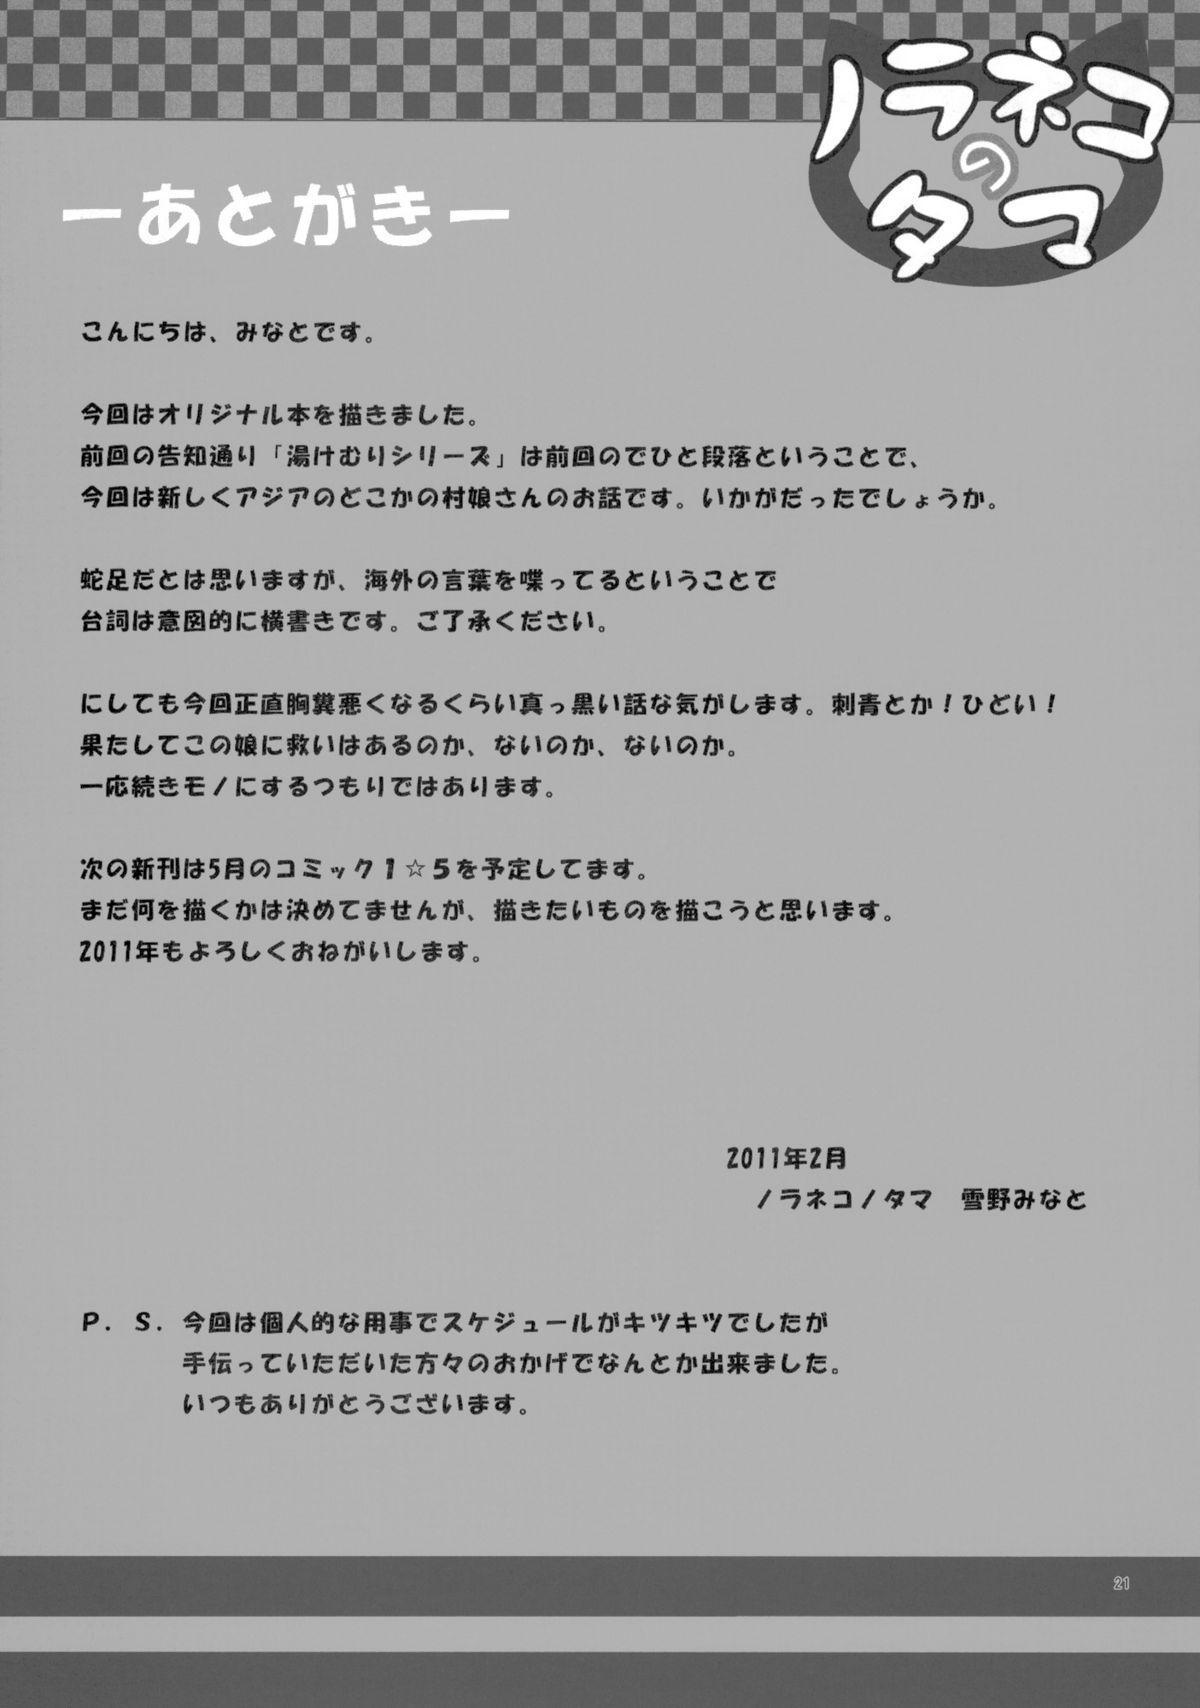 Kago no Naka no Kotori wa Itsu Deyaru | When Will The Caged Bird Be Released 19